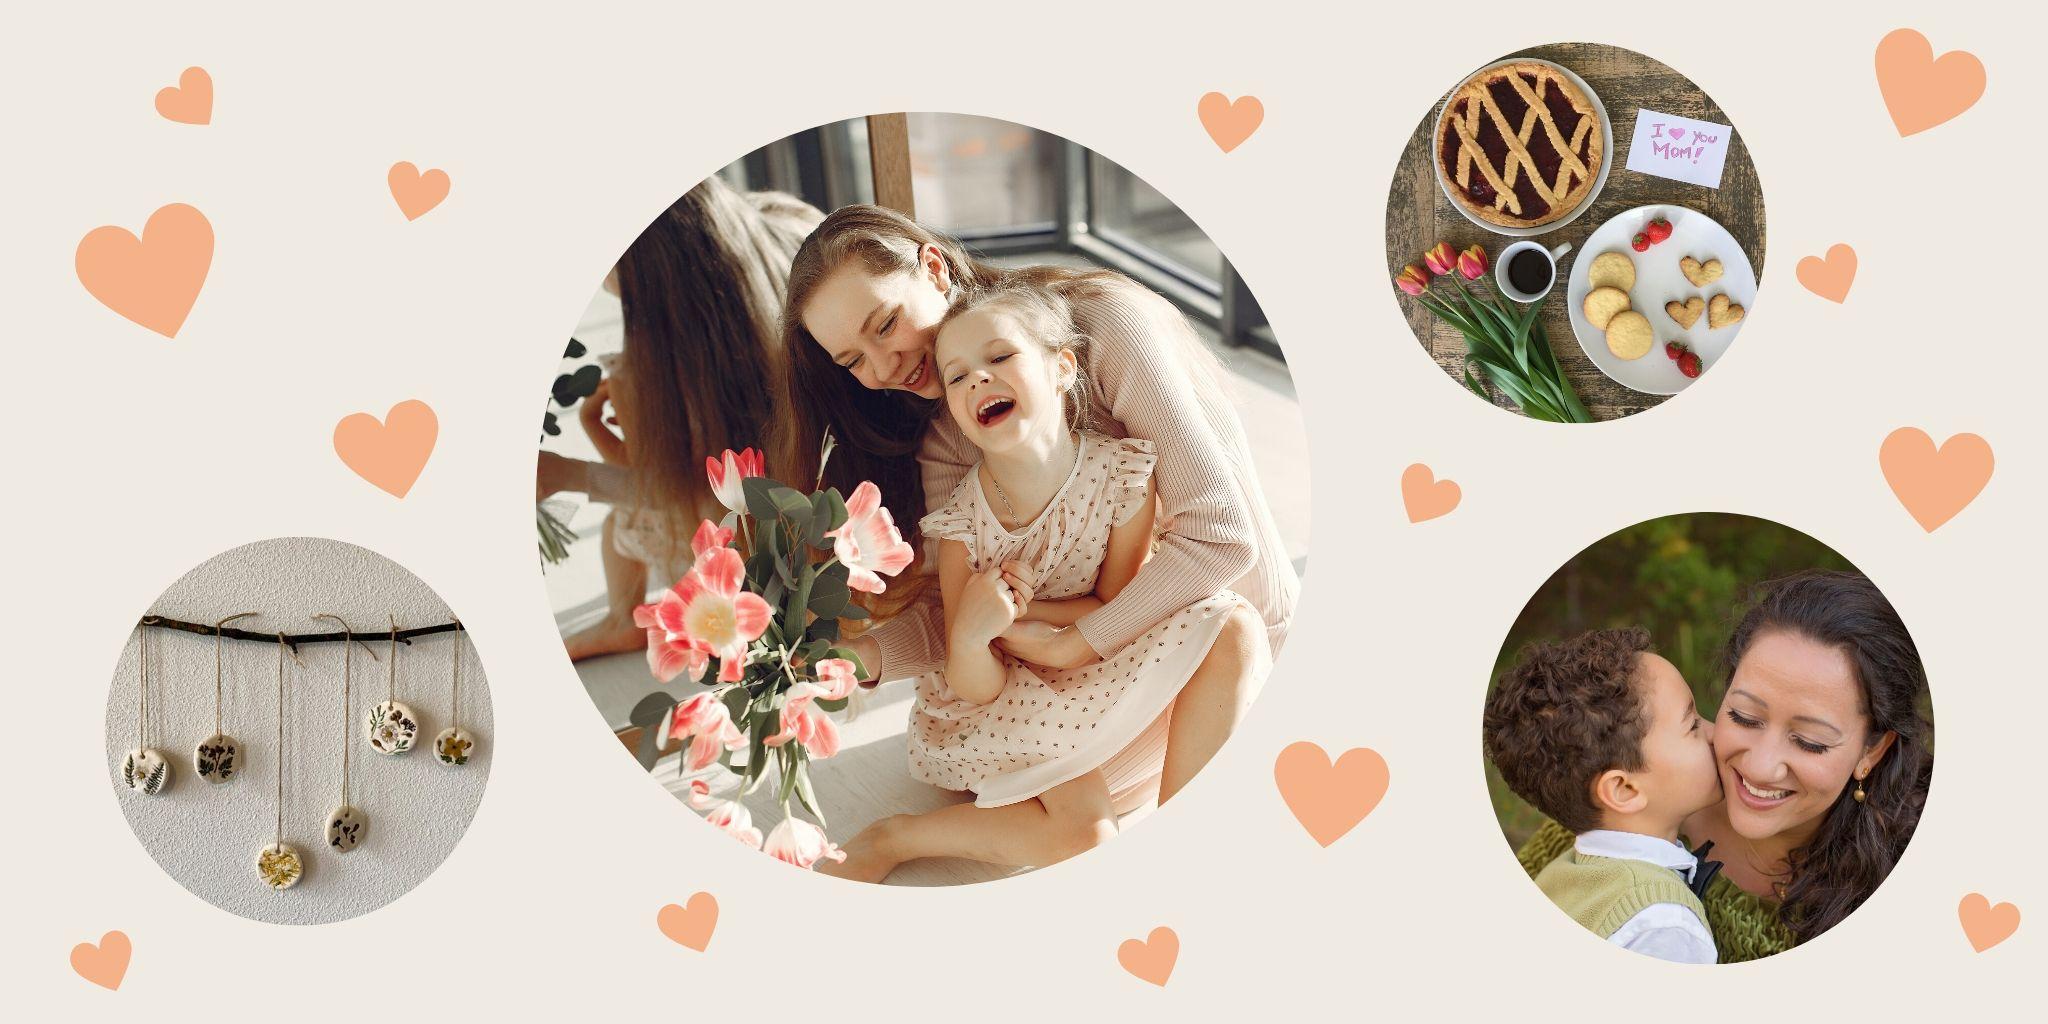 Ideias para presentes de Dia das Mães 2020